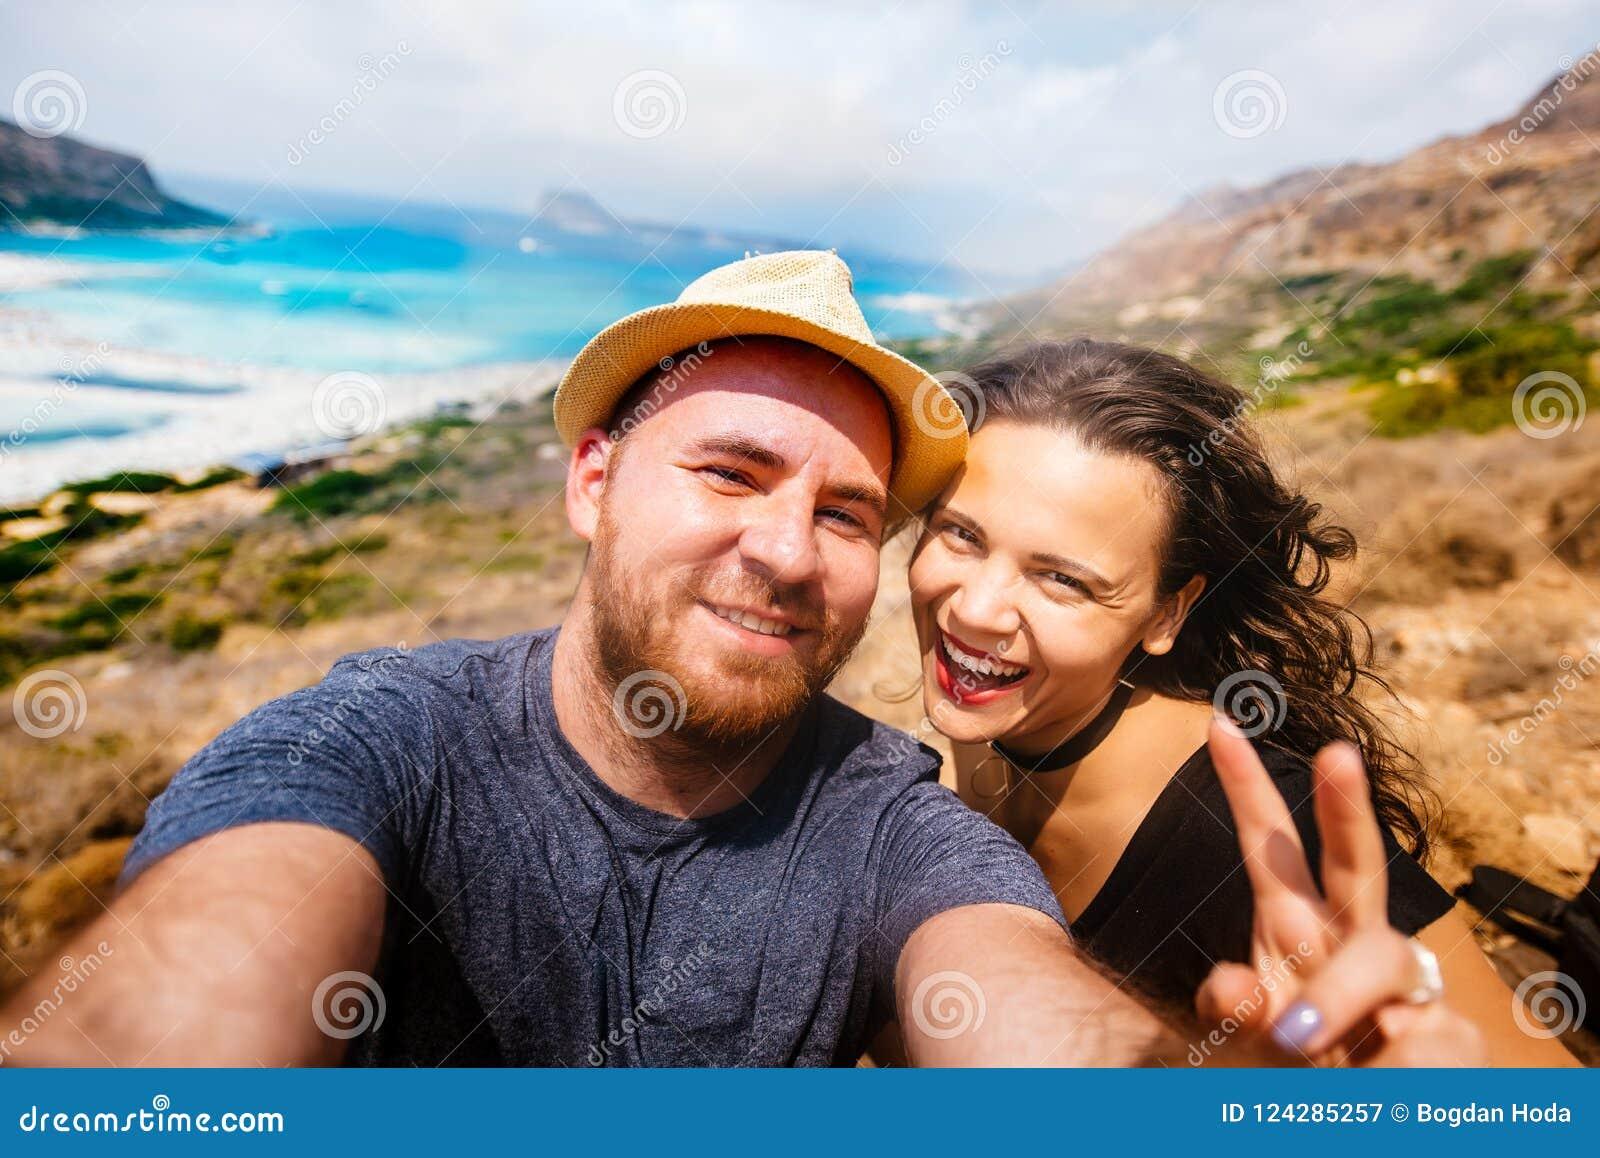 Ευτυχές ζεύγος που παίρνει selfie τη φωτογραφία με το νησί και το τυρκουάζ νερό Αυτοπροσωπογραφία των ζευγών στις διακοπές